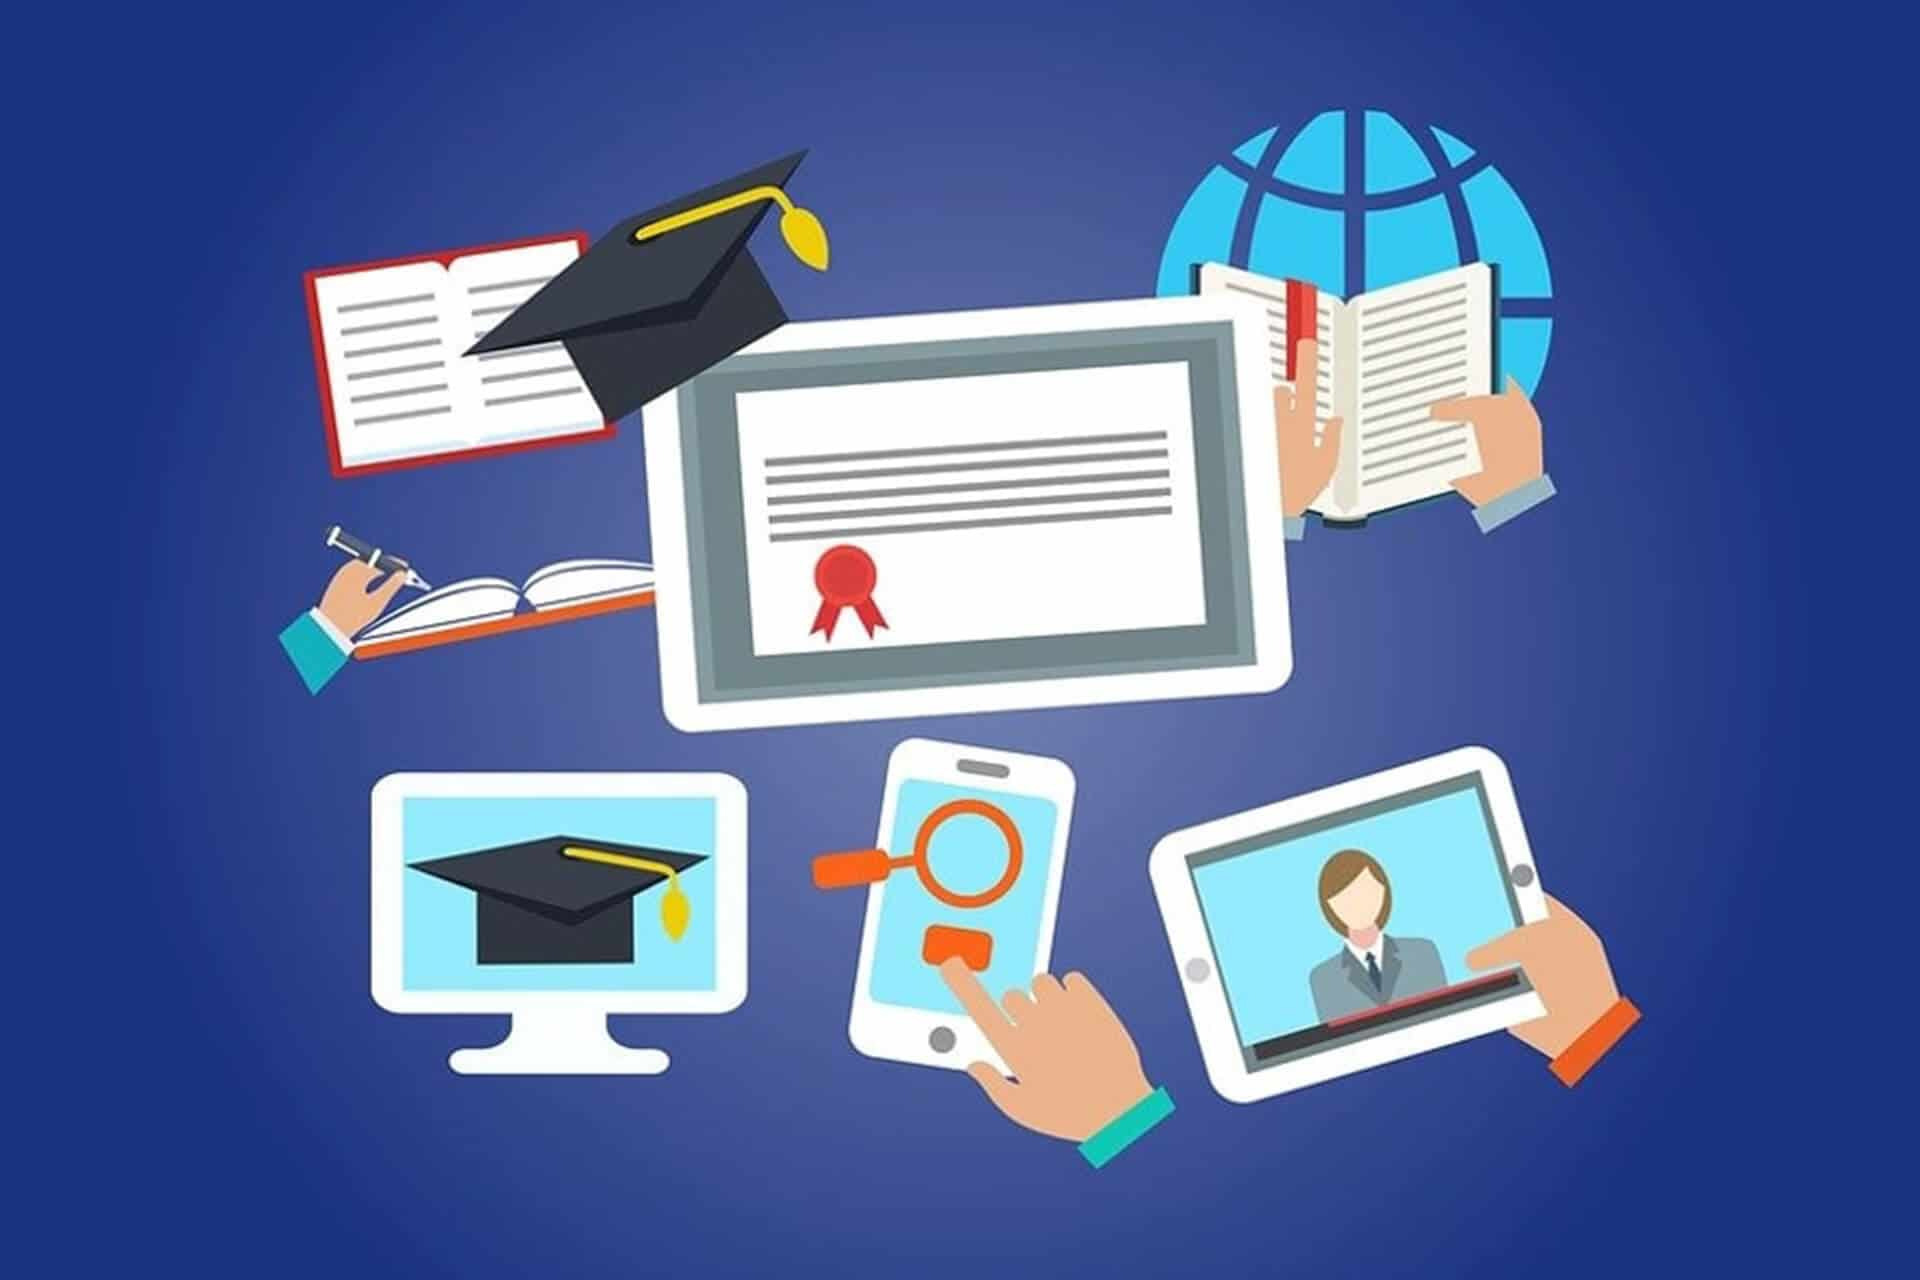 Examen d'anglais : tout savoir sur le TOEFL